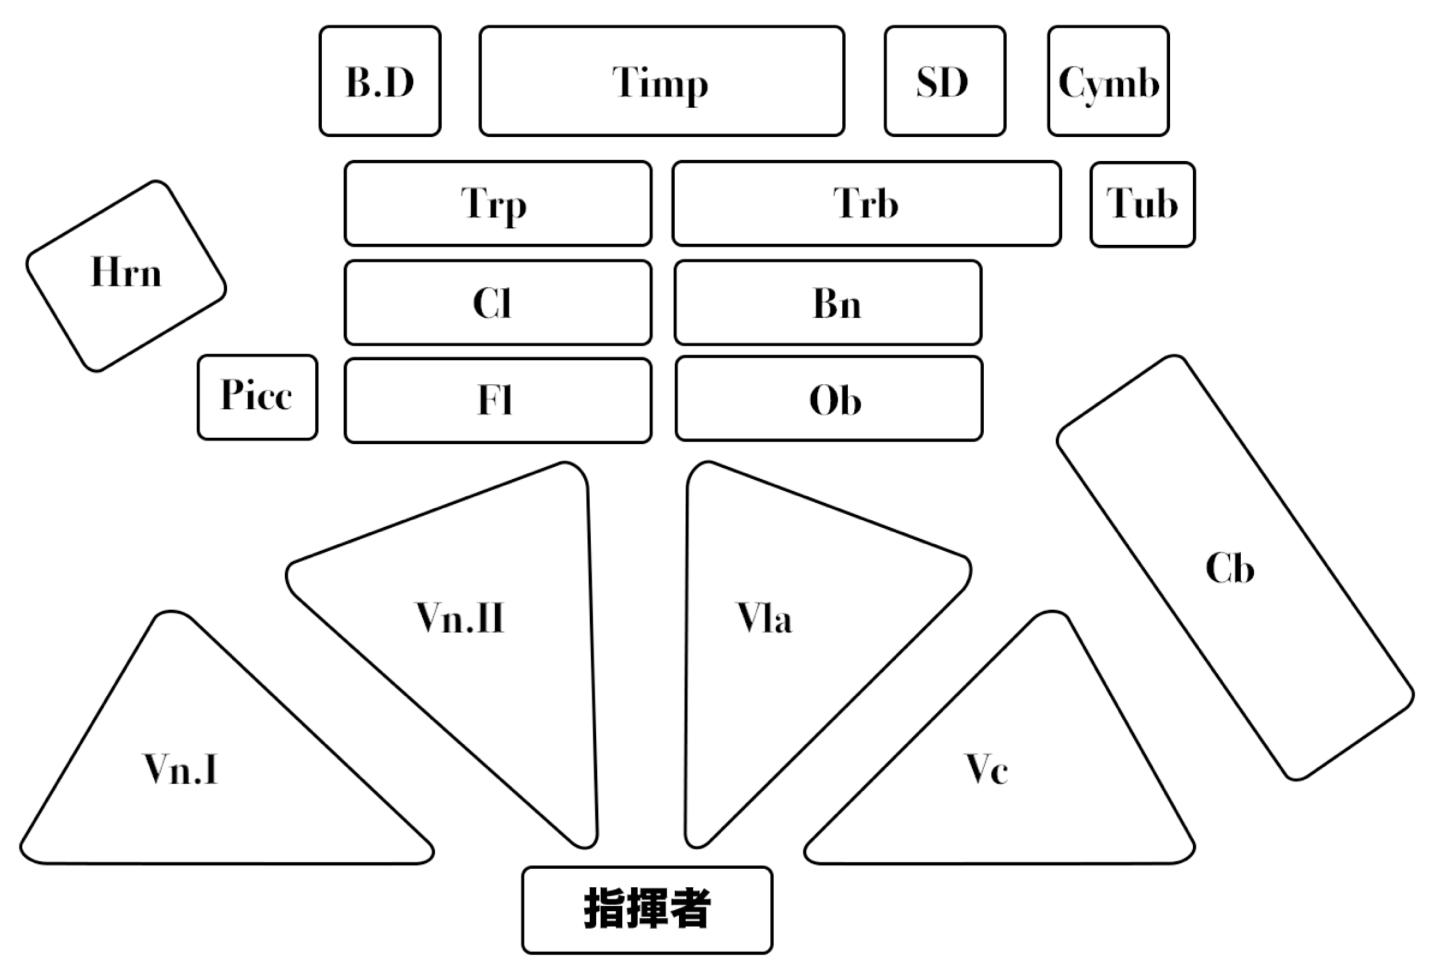 オーケストラ定位-1